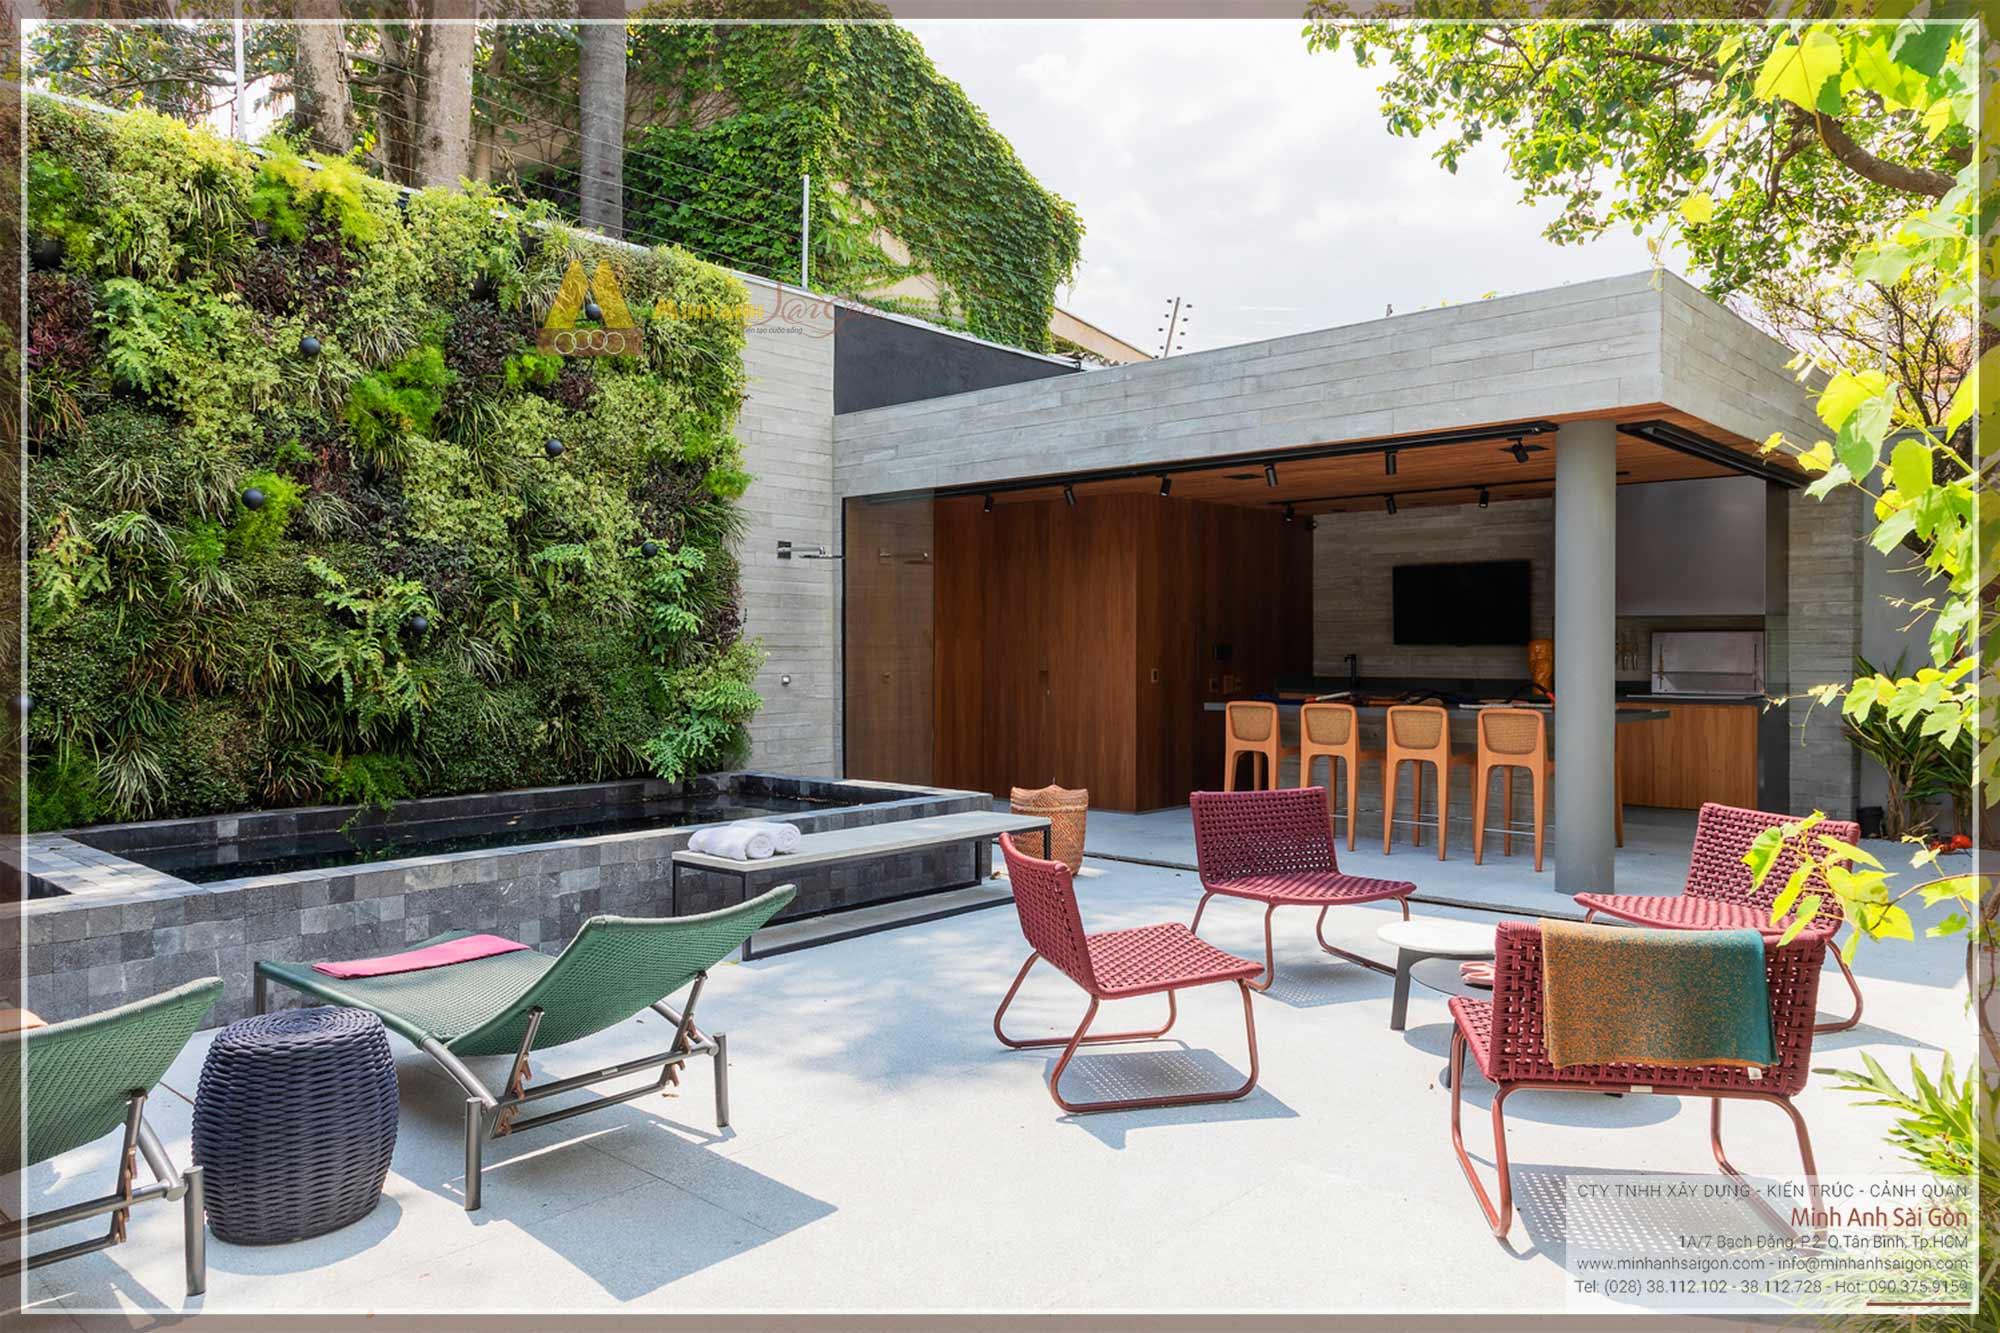 Ý tưởng thiết kế cảnh quan sân vườn hiện đại xu hướng năm 2020